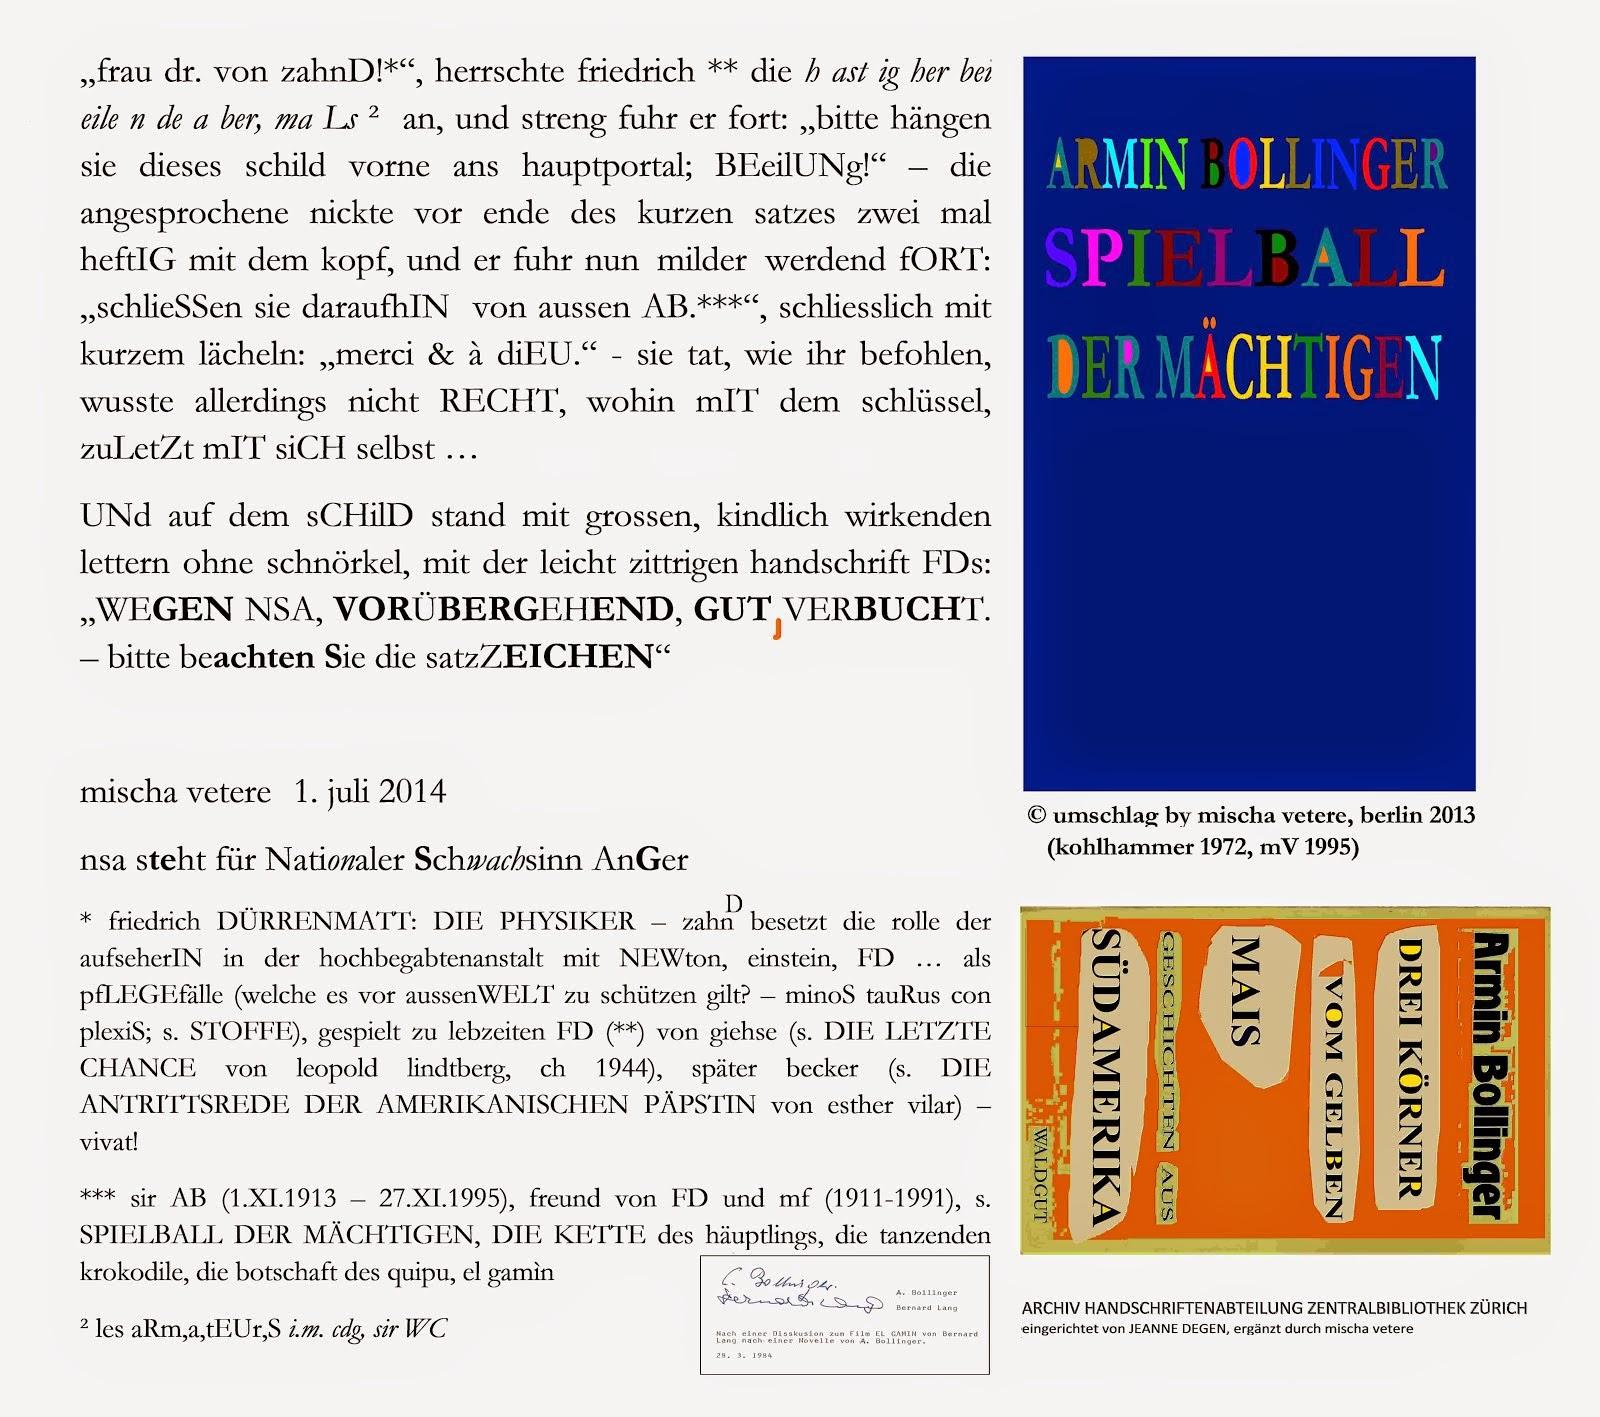 diskriminierung für christ off blocher -illegale partnerschaftswiedereintragung 2007 - 09, mauch zb